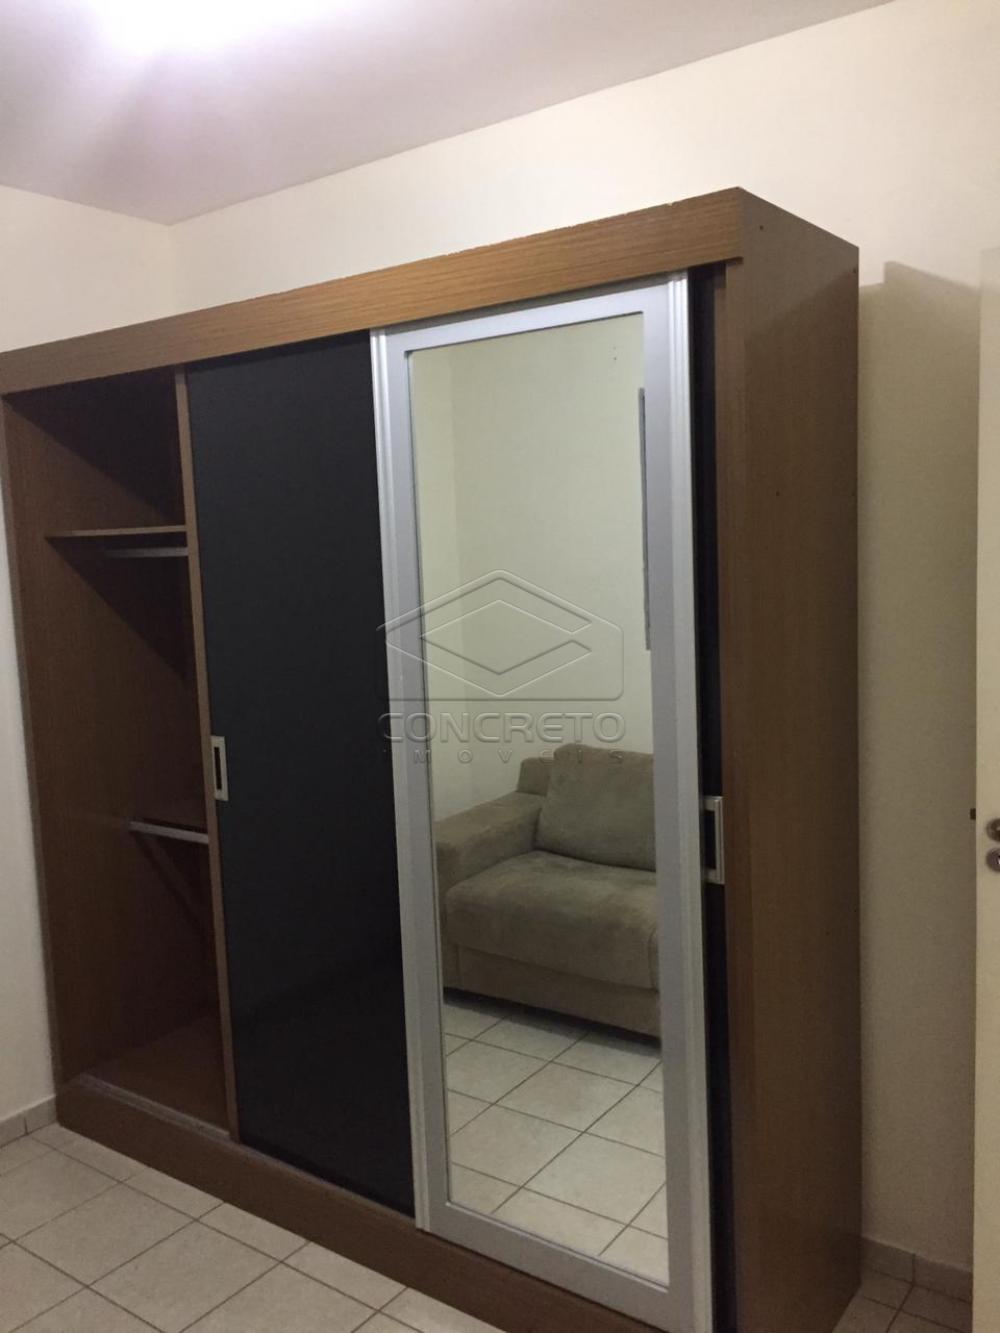 Comprar Apartamento / Padrão em Bauru apenas R$ 165.000,00 - Foto 7